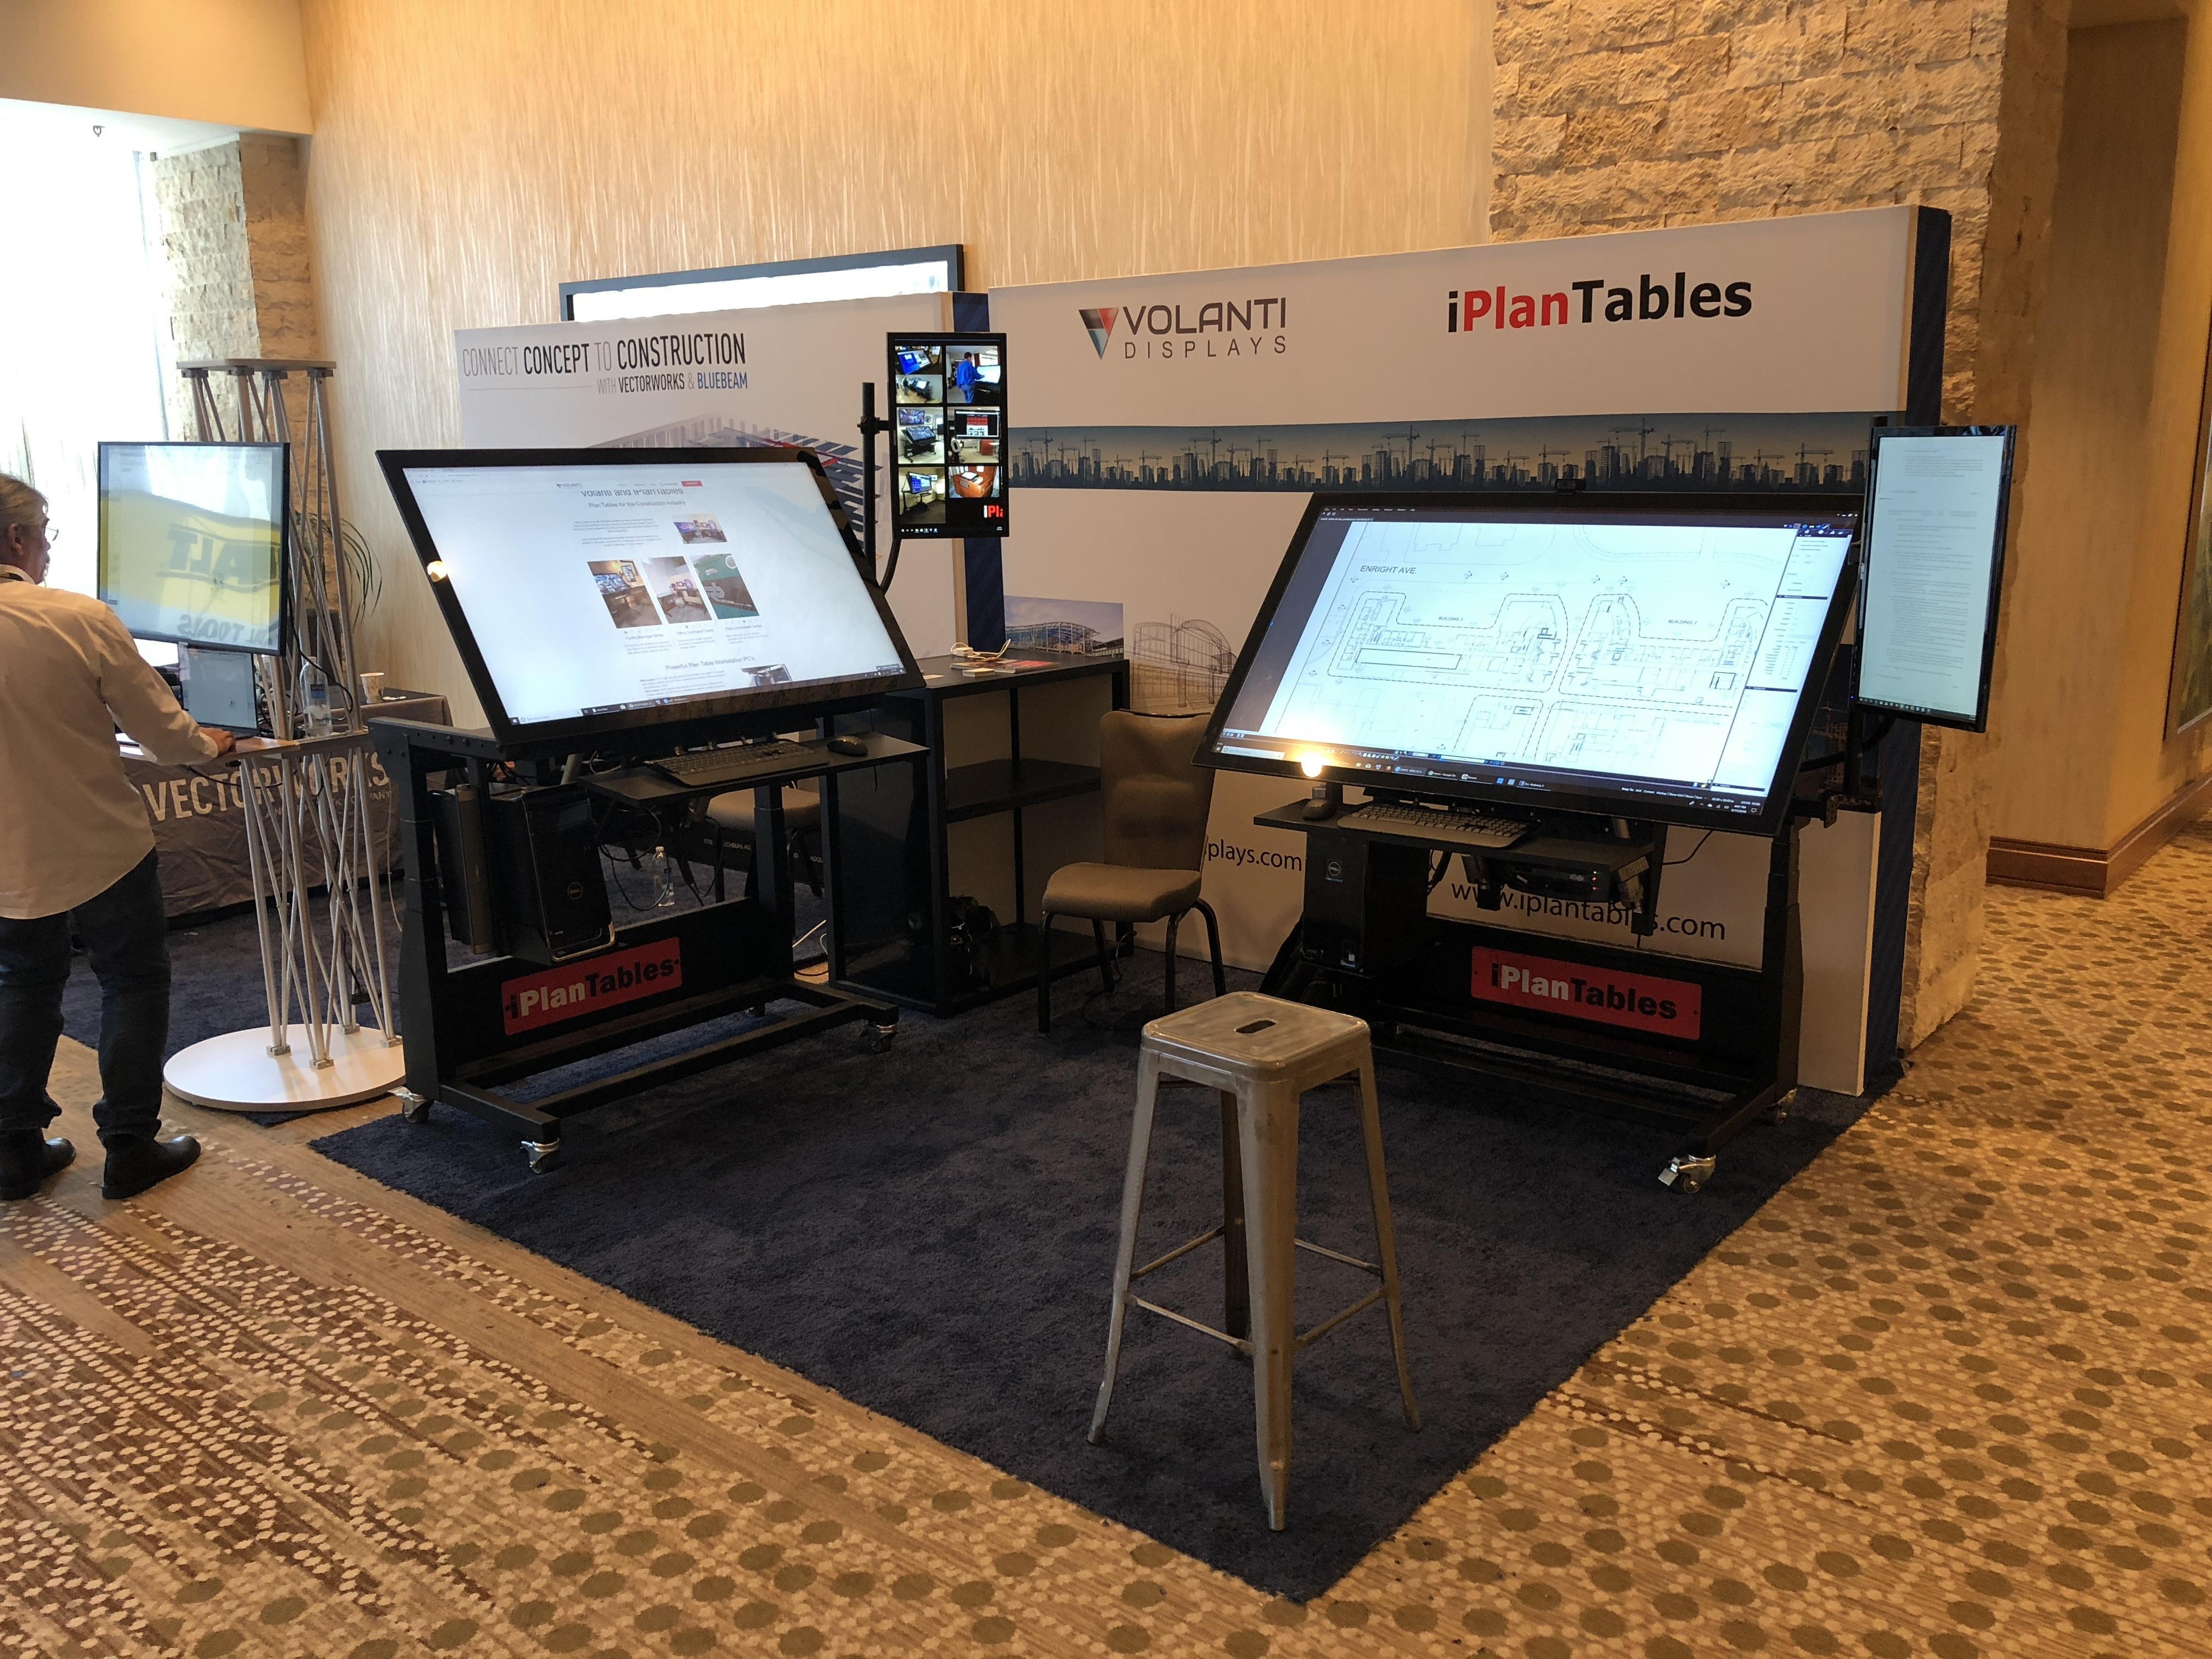 iPlan-Tables-Display-bluebeam-XCON-2018-Austin-TX